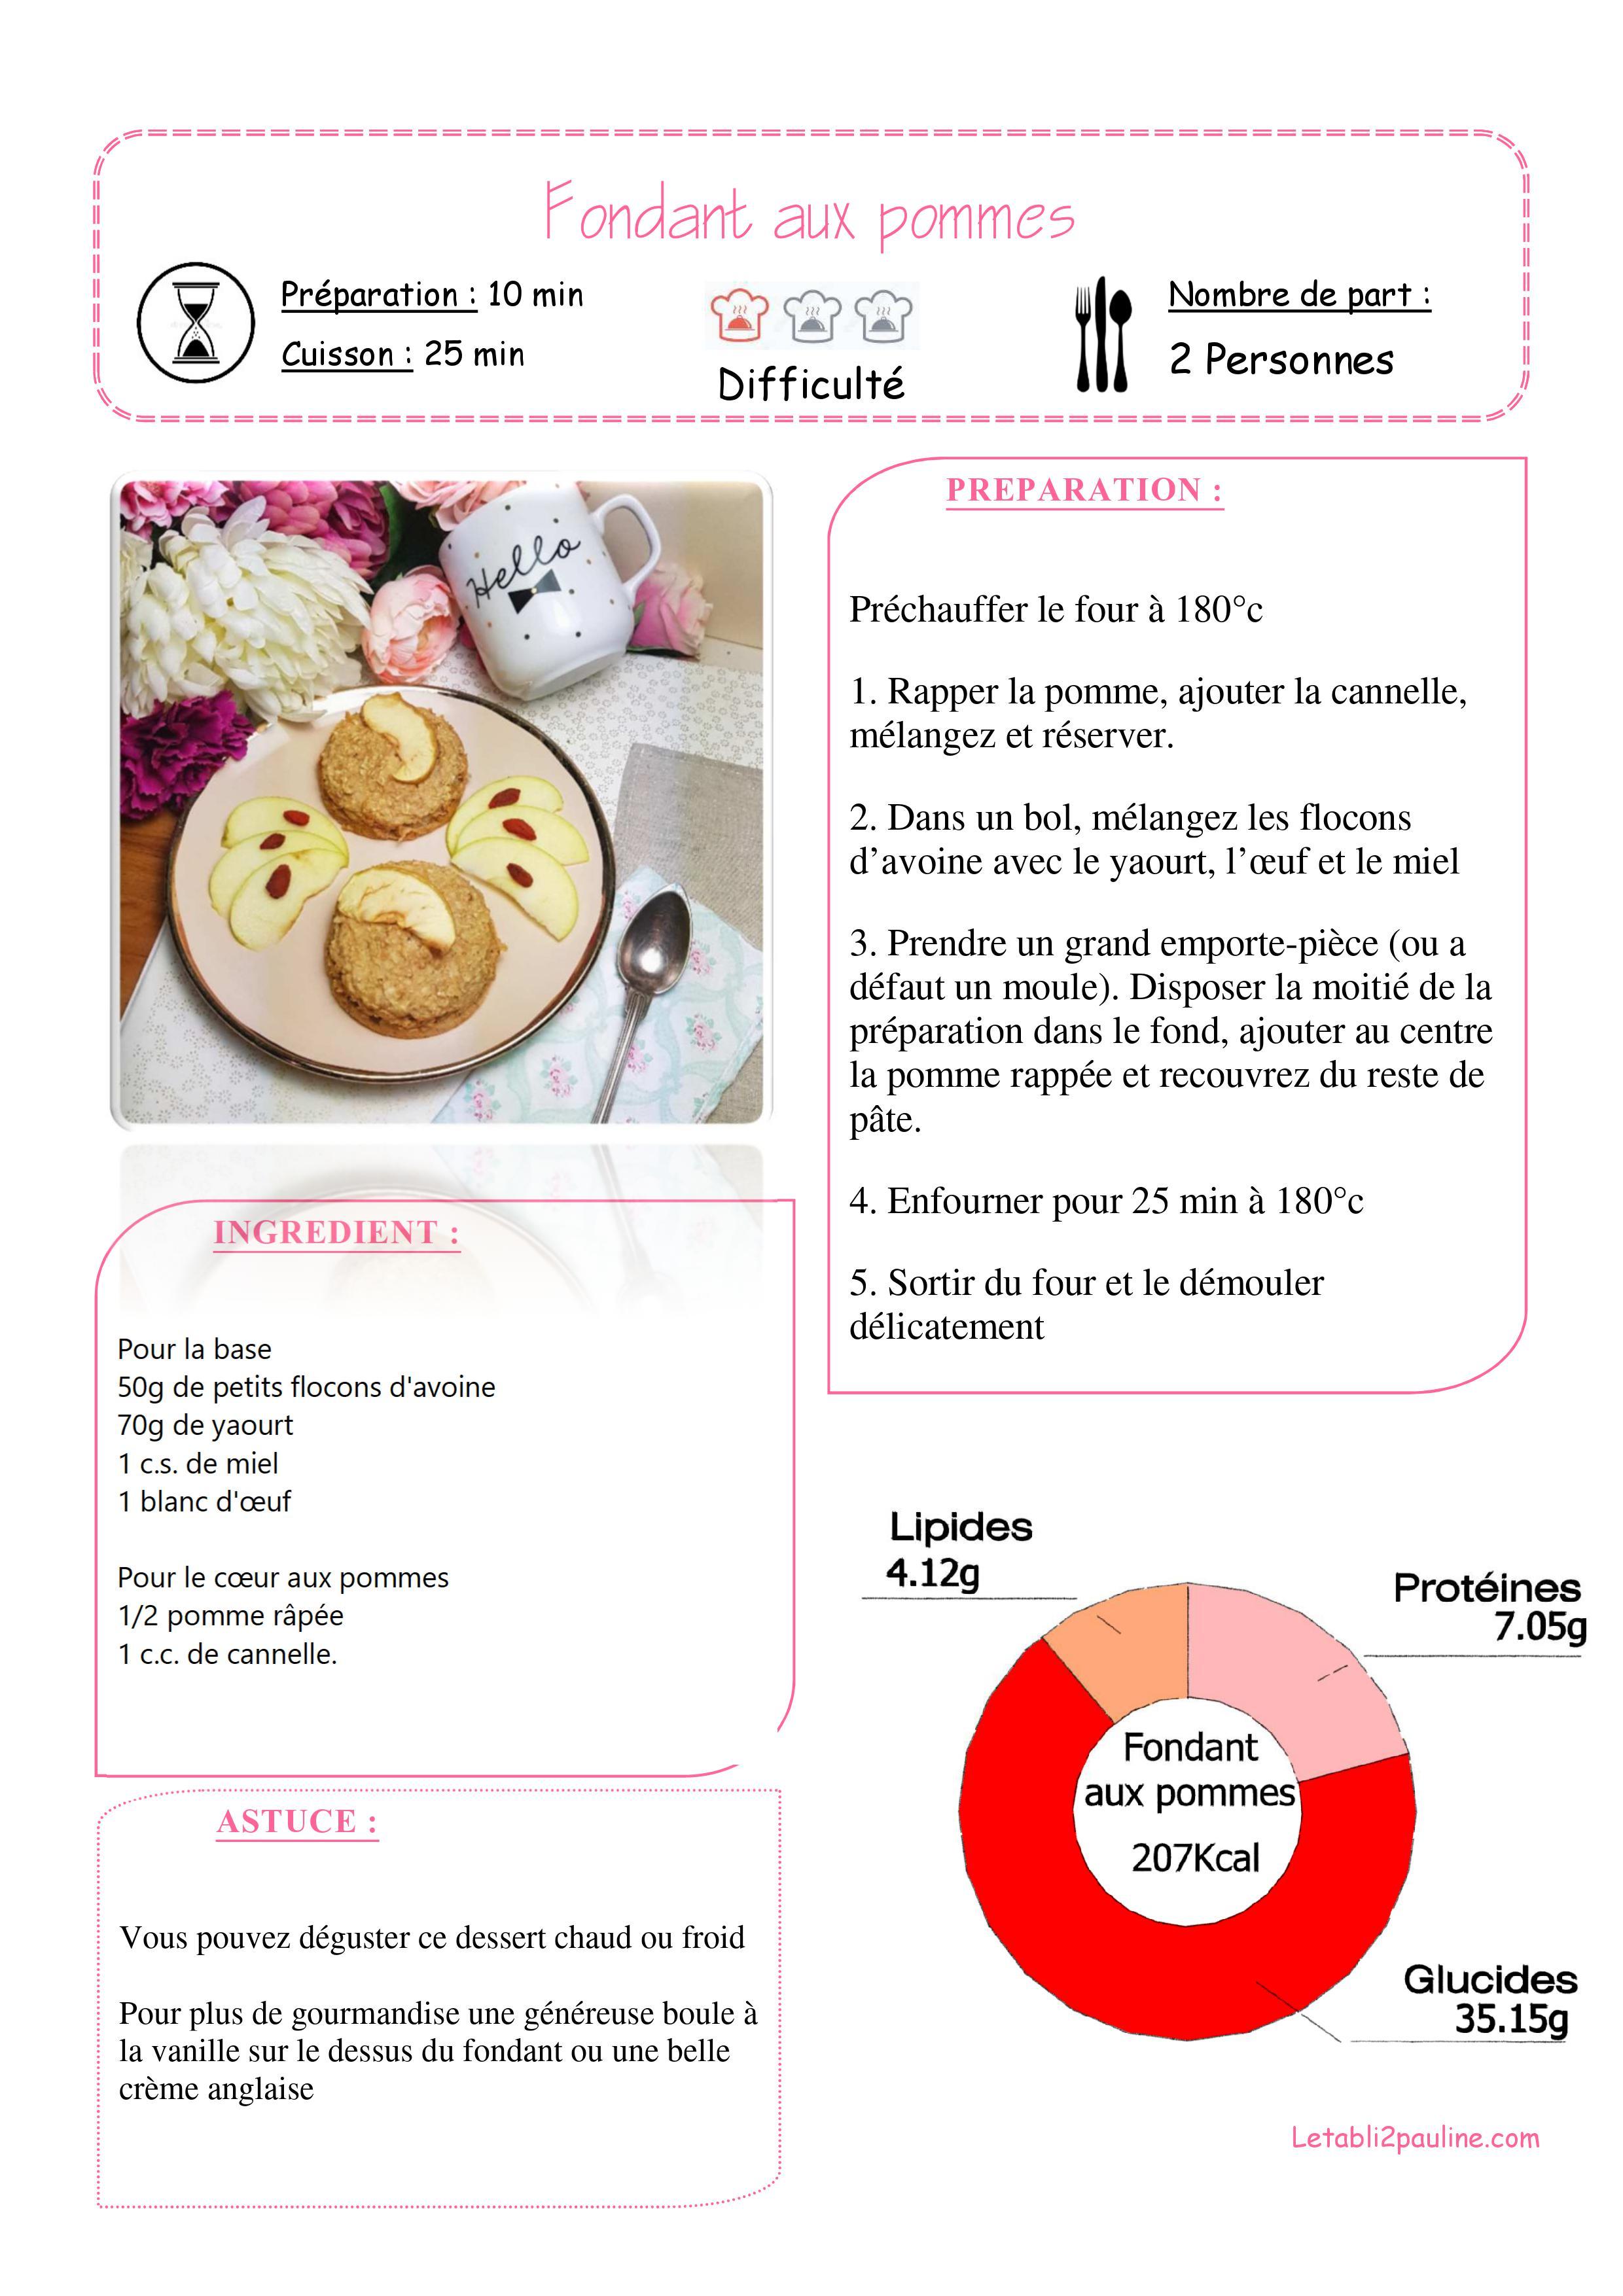 Fiche recette Fondant aux pommes